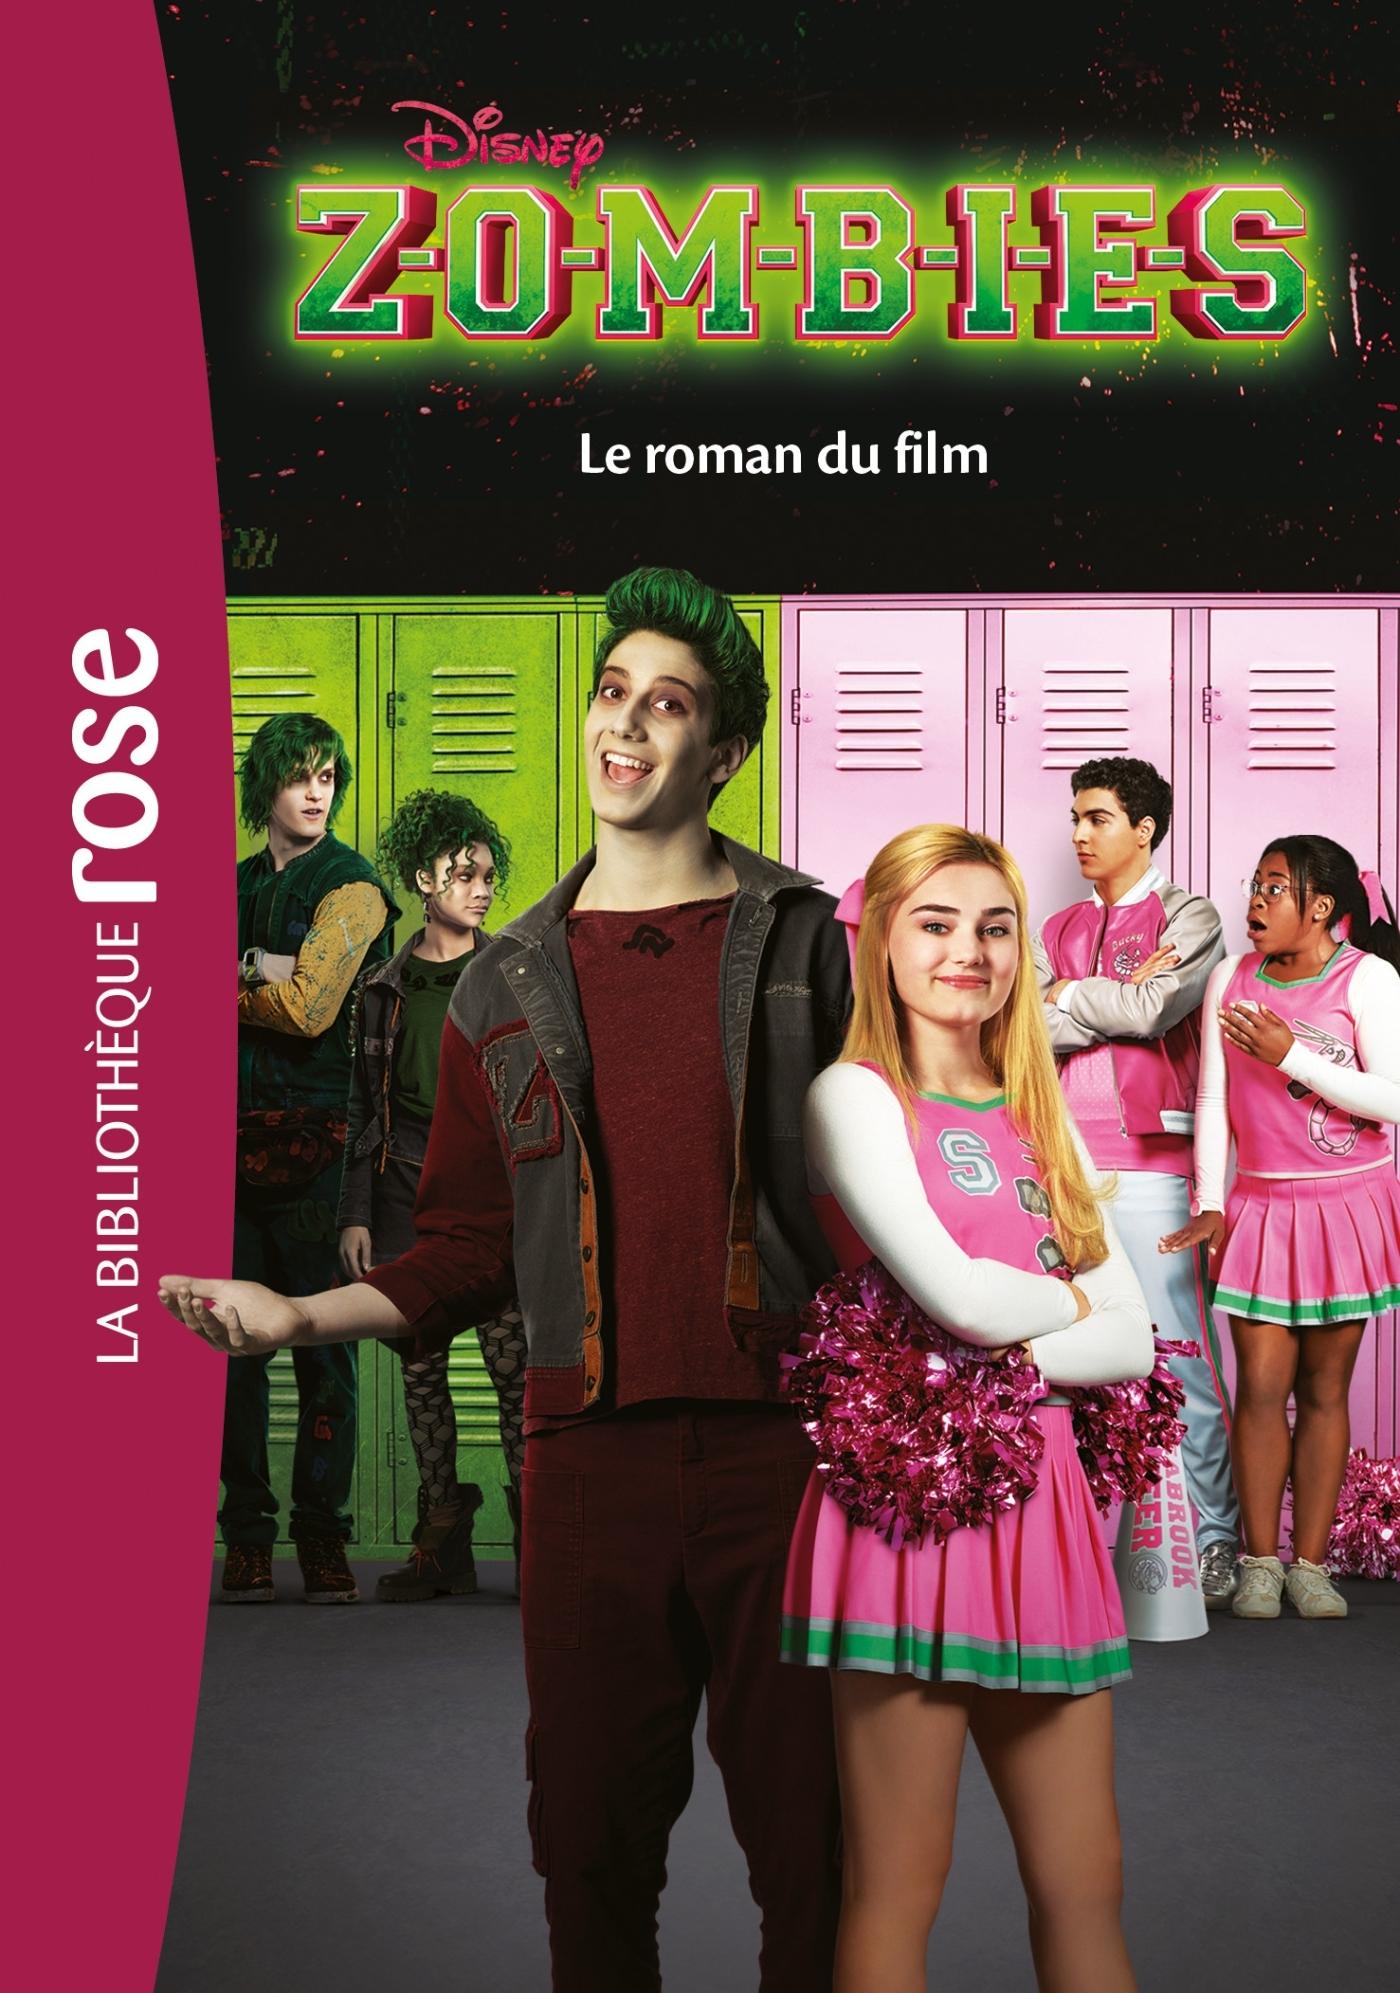 FILMS BB ROSE 10-12 - 0 - ZOMBIES - LE ROMAN DU FILM